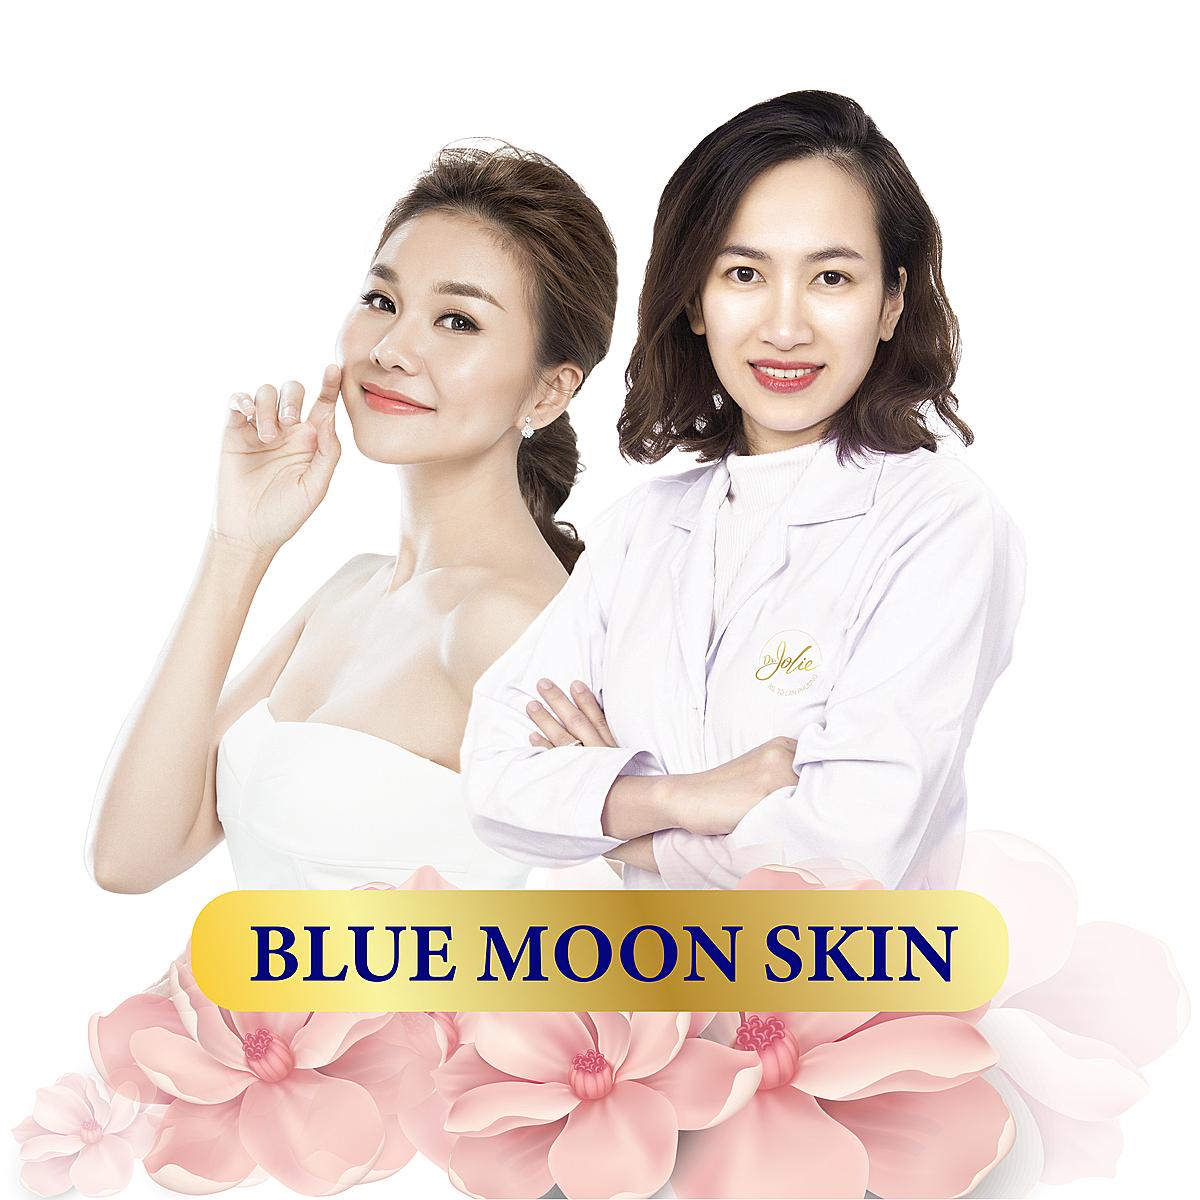 Bluemoon Skin thích hợp cho phụ nữ dưới 40 tuổi.